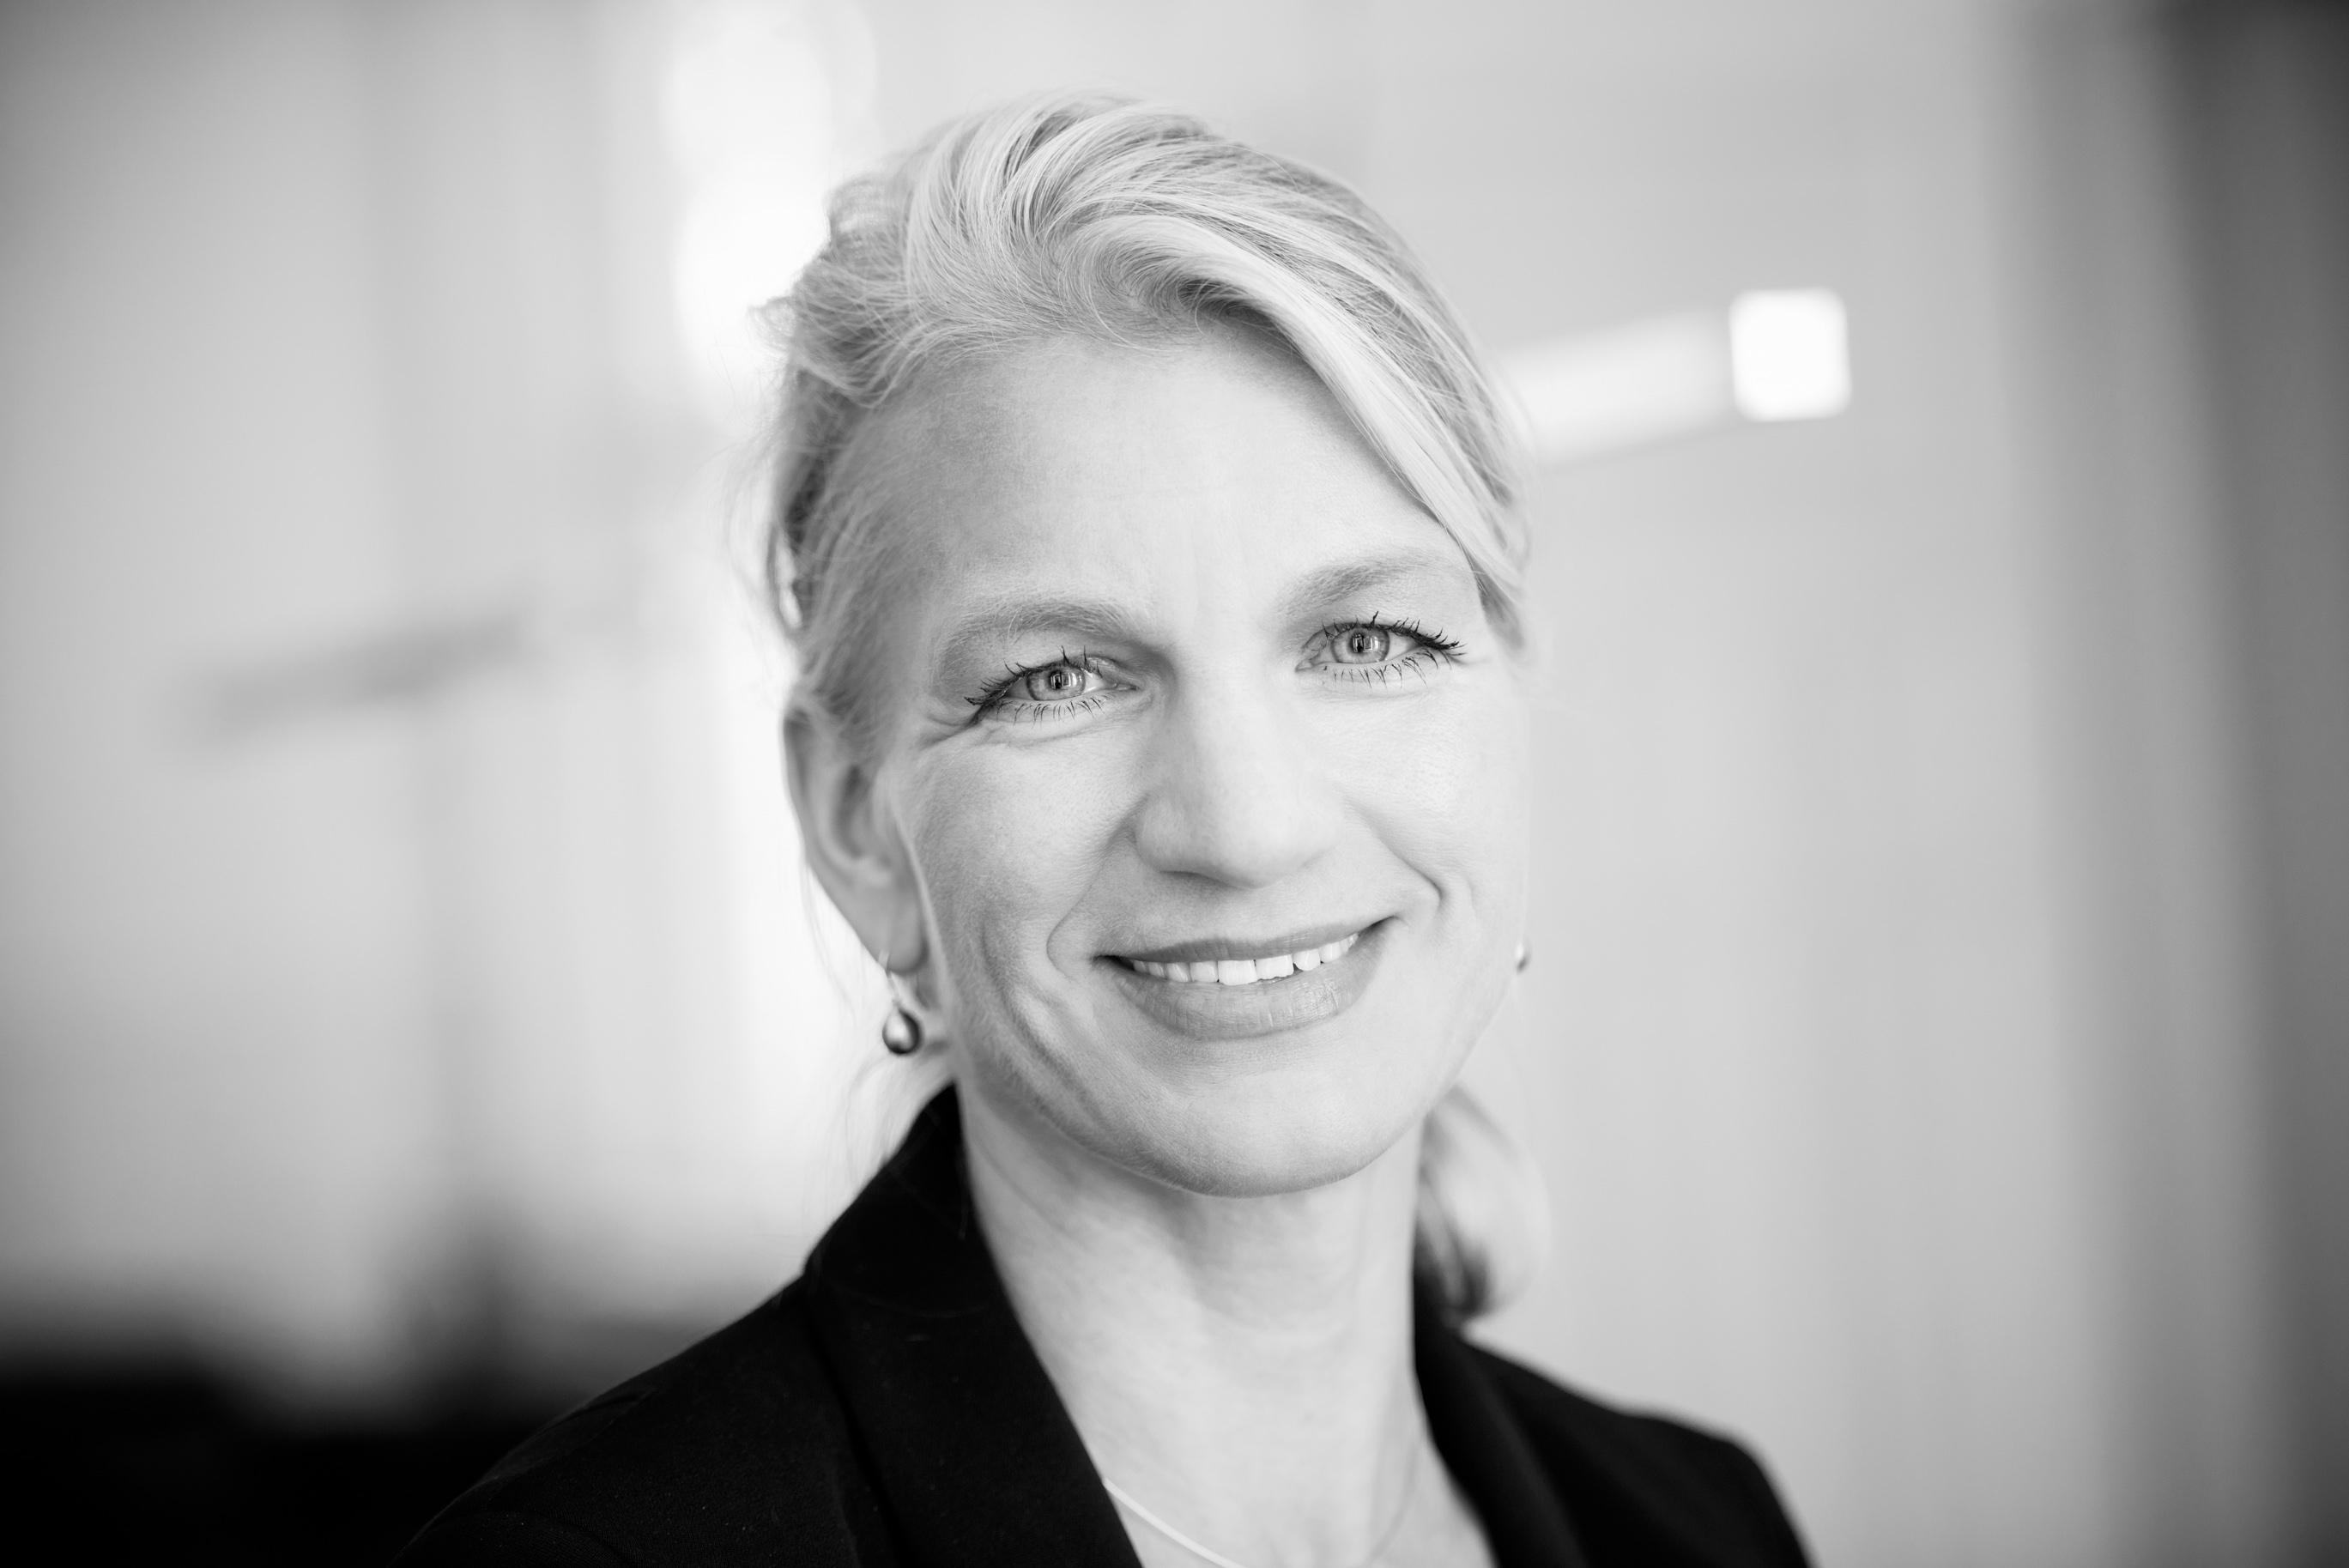 Prof. Dr. med. Dorothea von Haebler